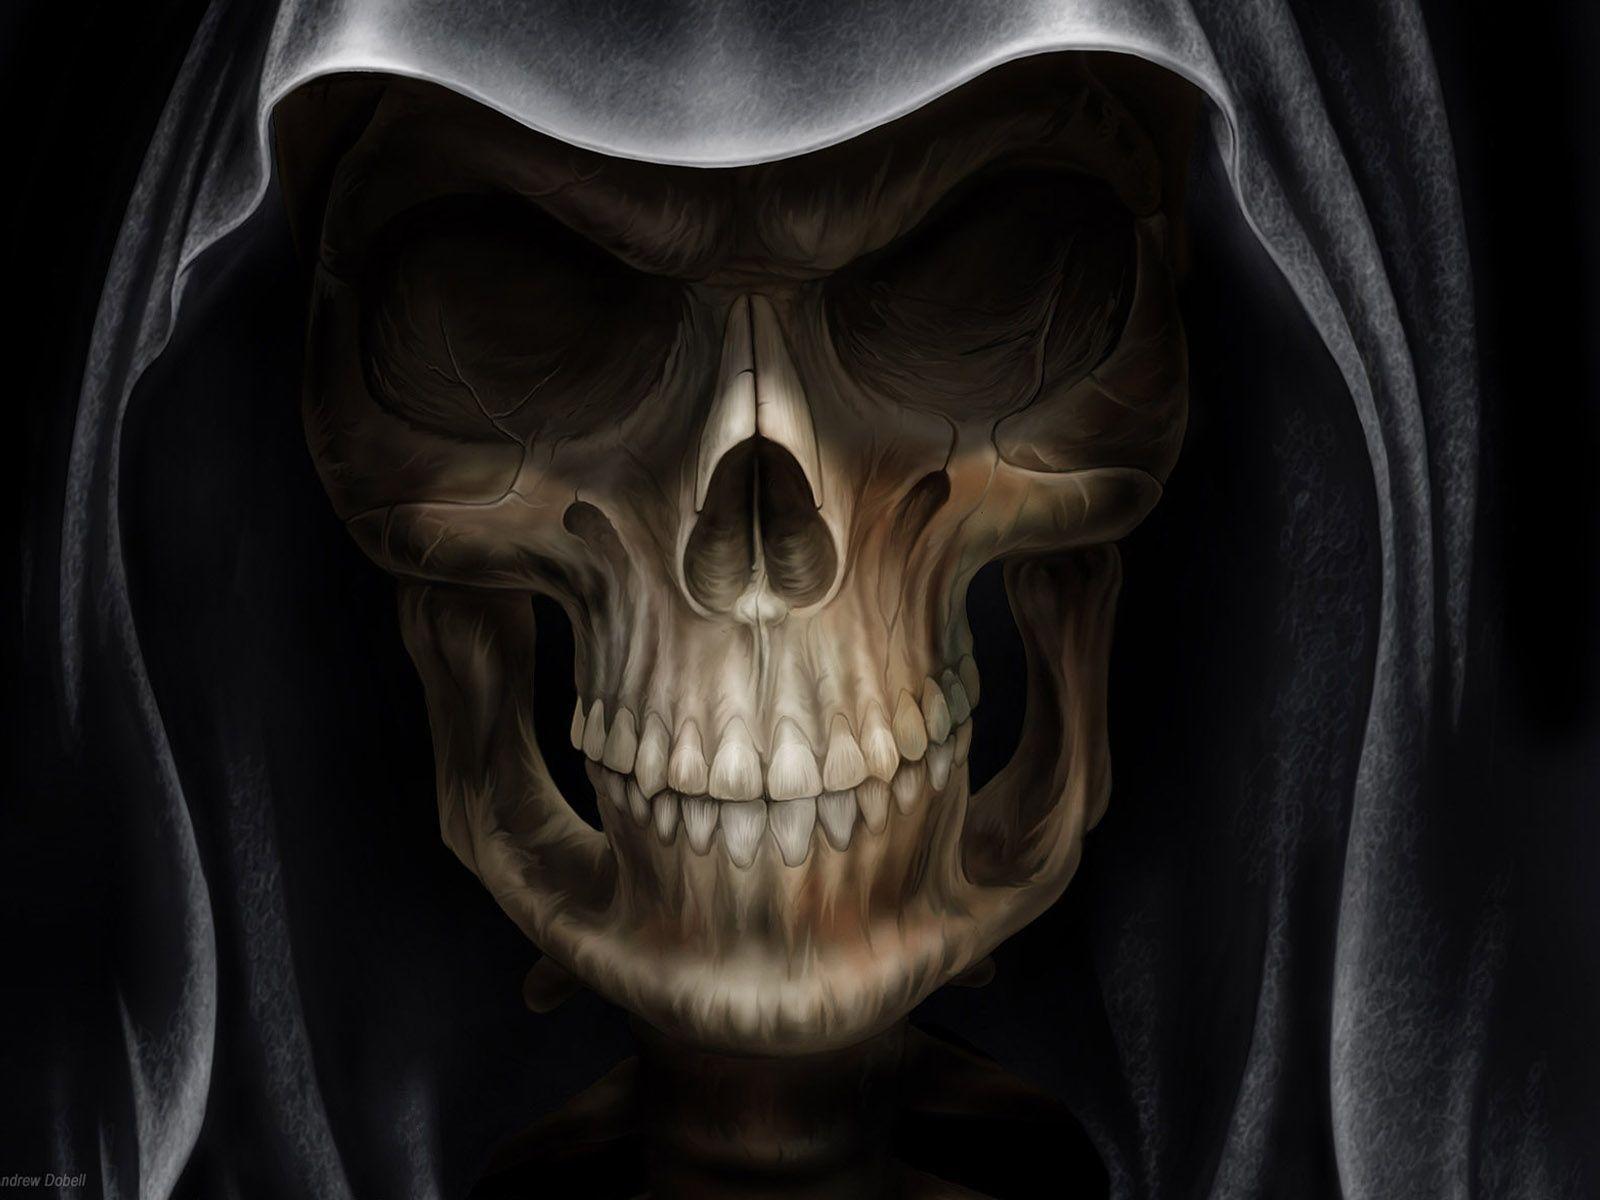 31 awesome girly skull - photo #17